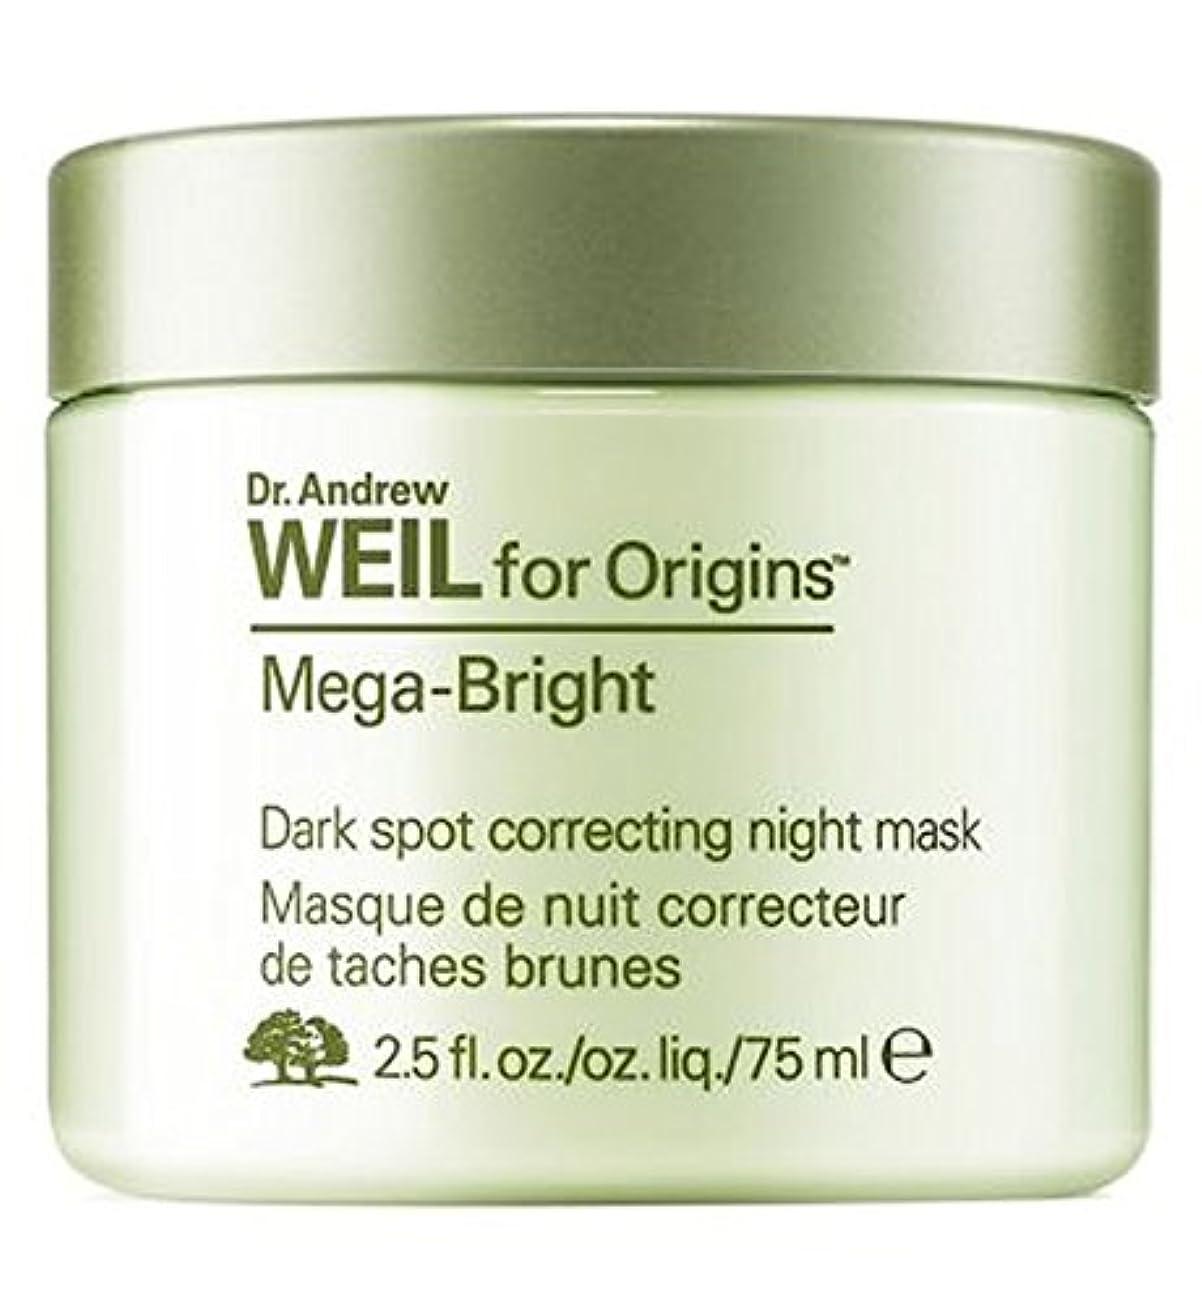 ギャップ小競り合い換気するOrigins Dr Andrew Weil for Origins Mega Bright Skin tone correcting night mask 75ml - 起源博士アンドルー?ワイル起源メガ明るい肌色補正ナイトマスク75ミリリットルのために (Origins) [並行輸入品]